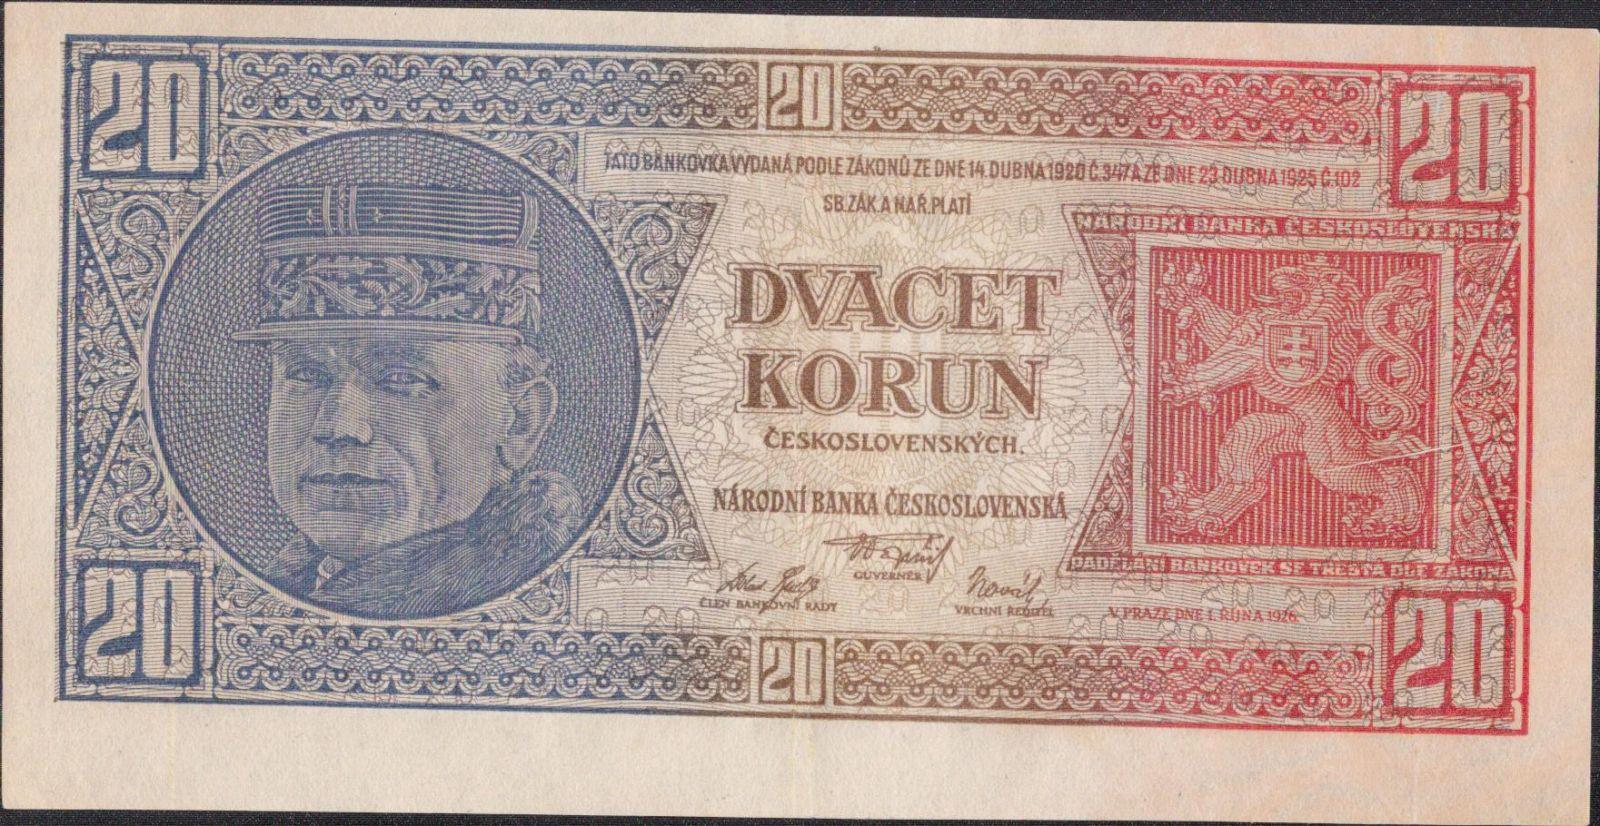 20Kč/1926/, stav 1, série C - tisk Haase